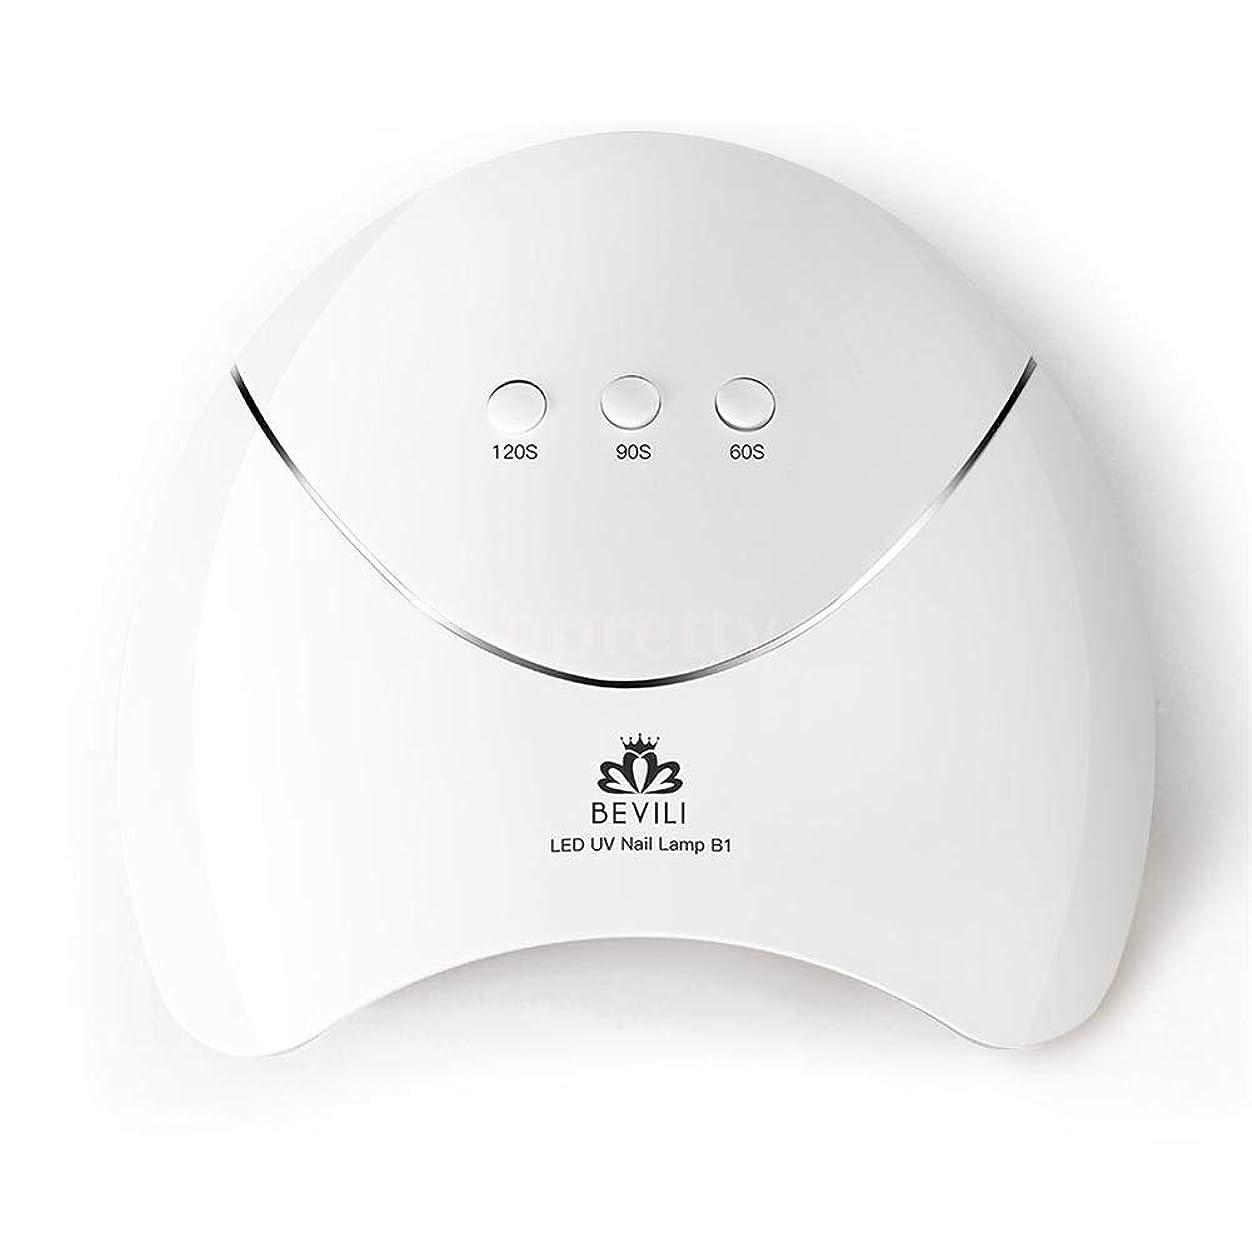 ディレクトリ絶滅テーブルを設定するsupbel 36W LEDネイルドライヤー ハイパワー UVとLEDダブルライト ジェルネイル ローヒートモード搭載 レジンクラフト 自動感知センサー 赤外线センサー タイマー UVライトネイルポリッシュ用 速乾 3段階タイマー設定 レジン UVライト ジェルネイル用 USB接続式